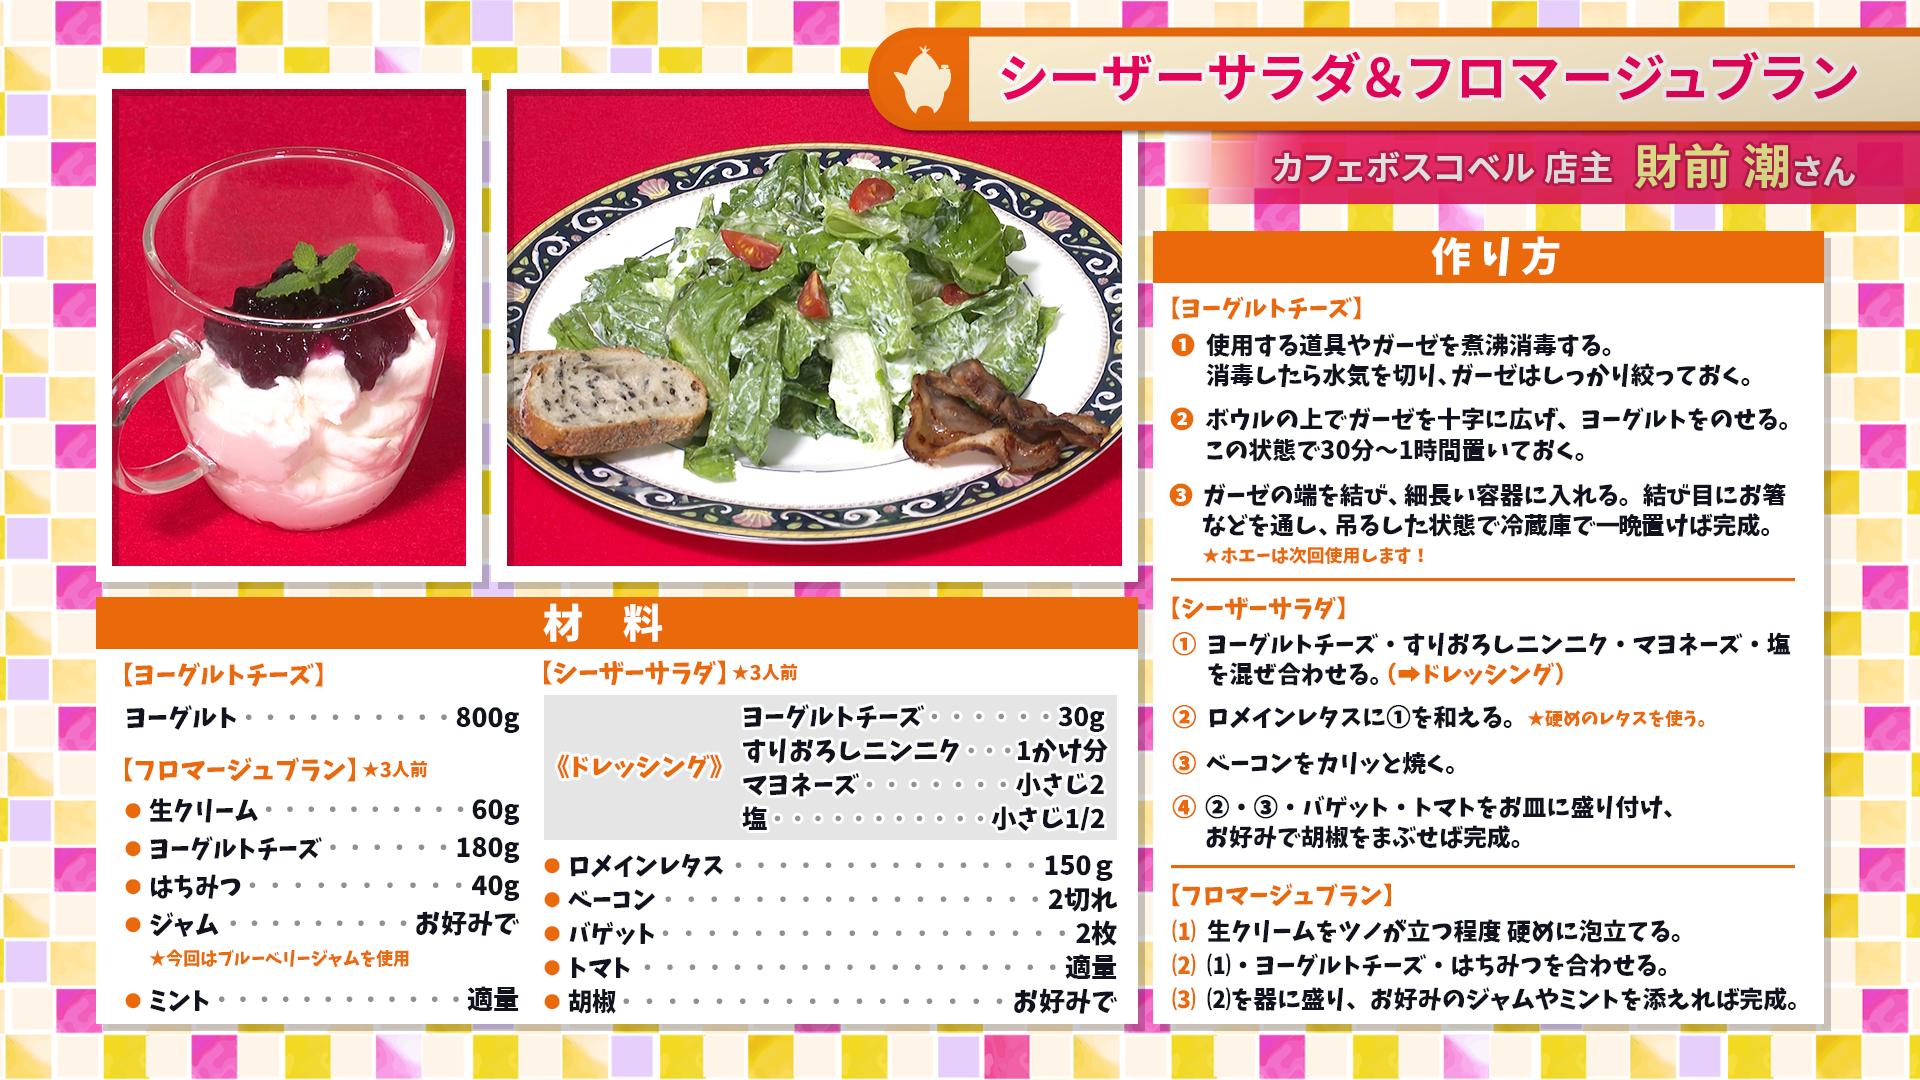 たけナビ『シーザーサラダ&フロマージュブラン』レシピ(11/3初回放送)